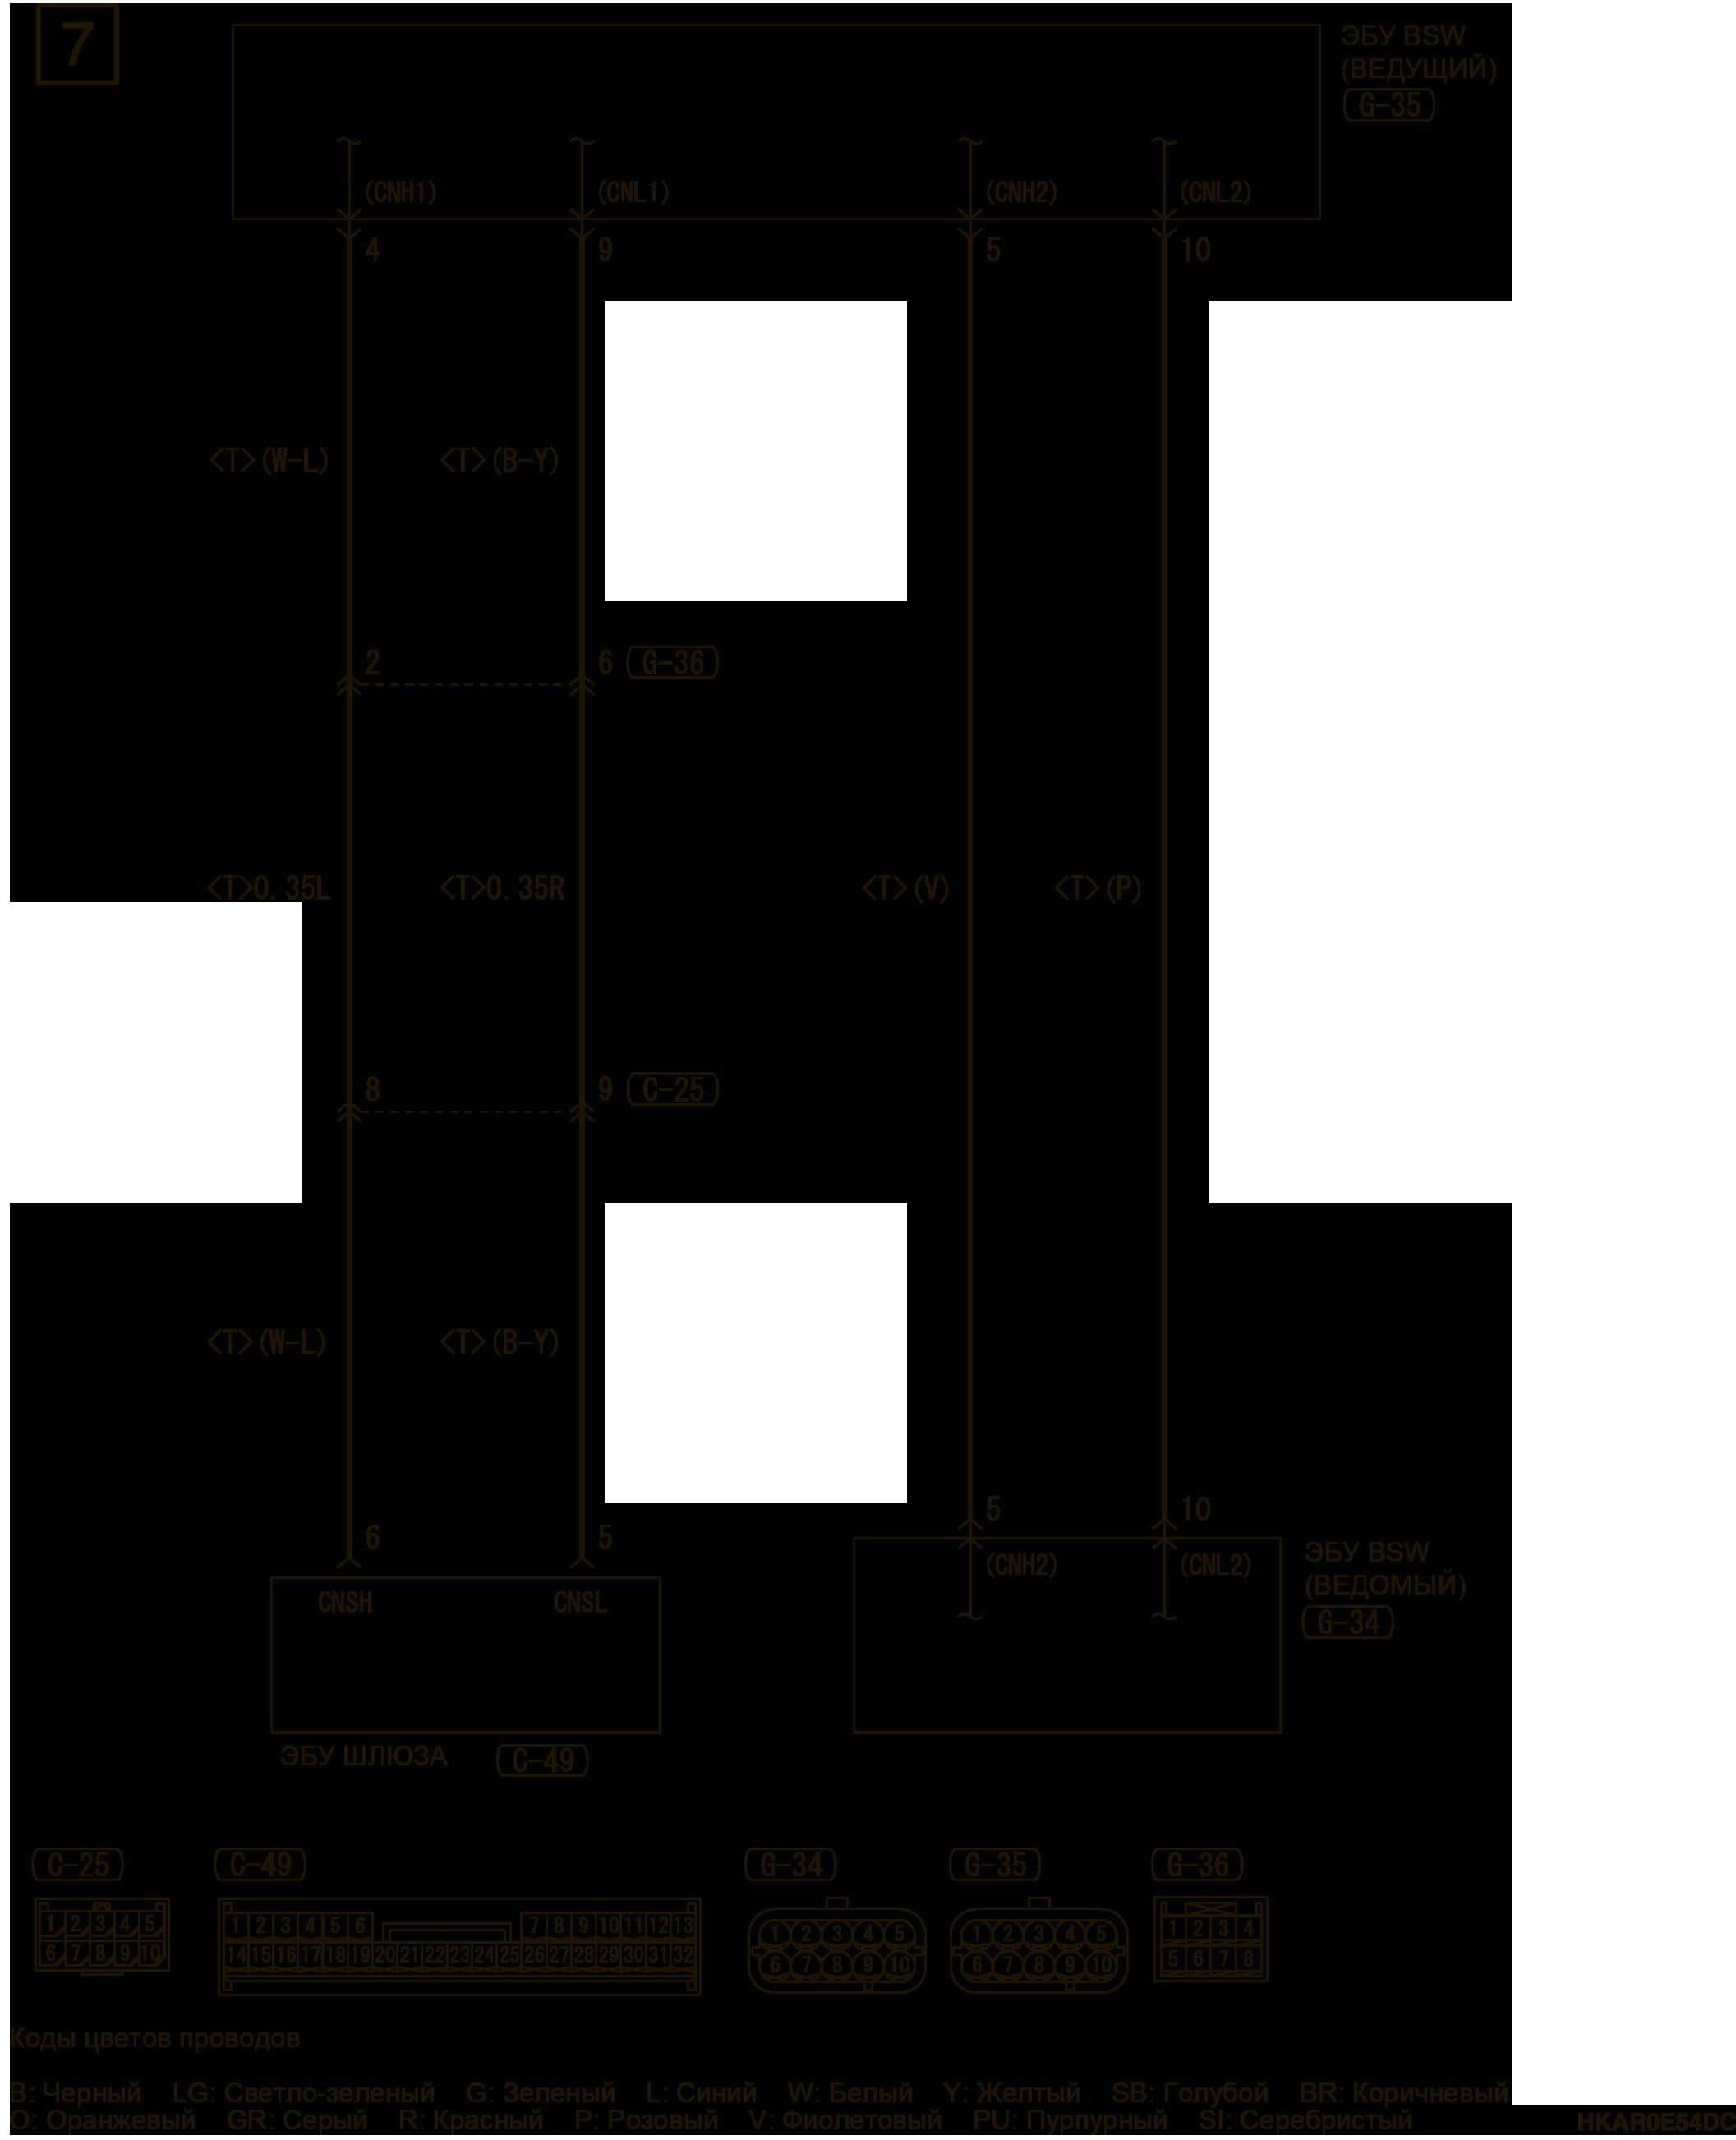 mmc аутлендер 3 2019 электросхемаCAN Справа